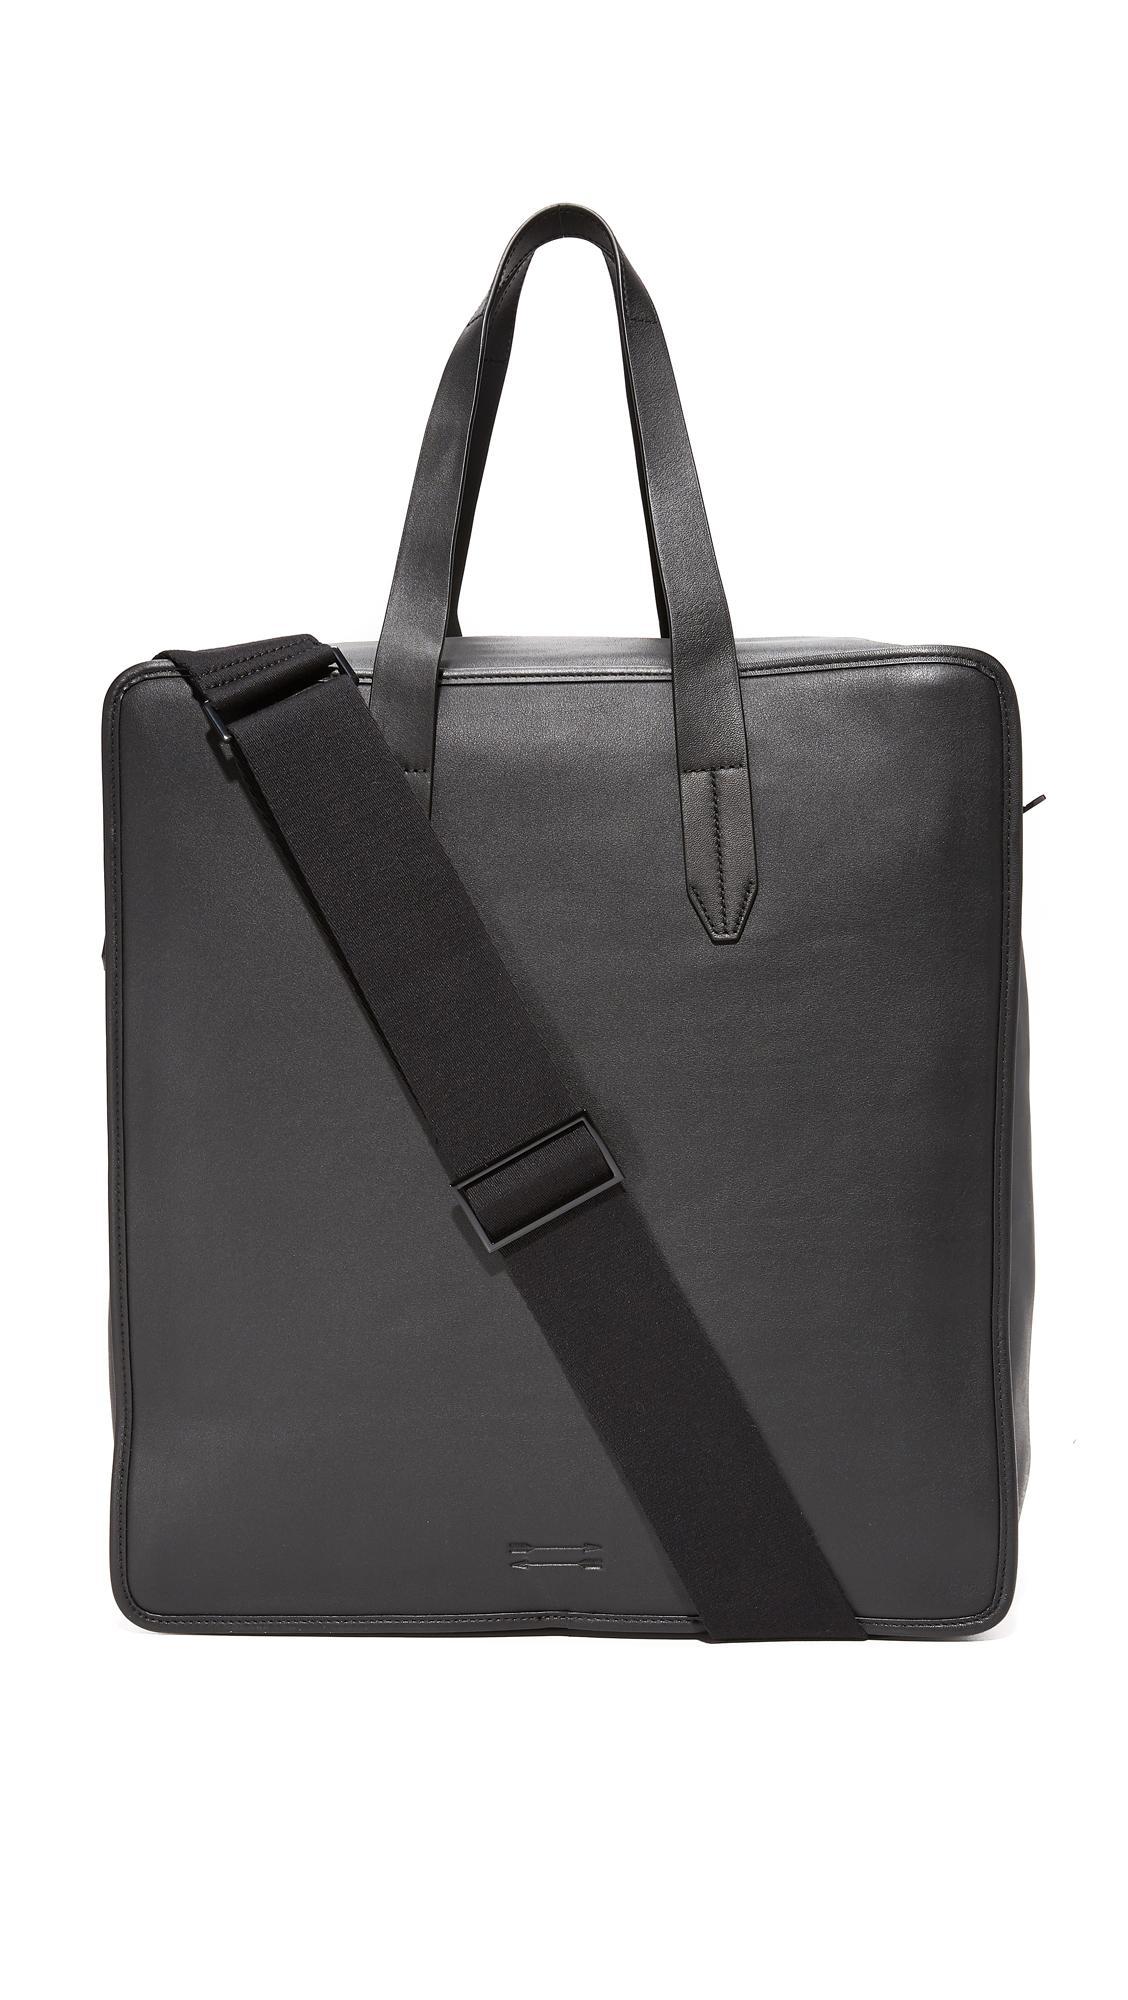 Uri Minkoff Soft Nappa Roxy Carryall Bag In Black